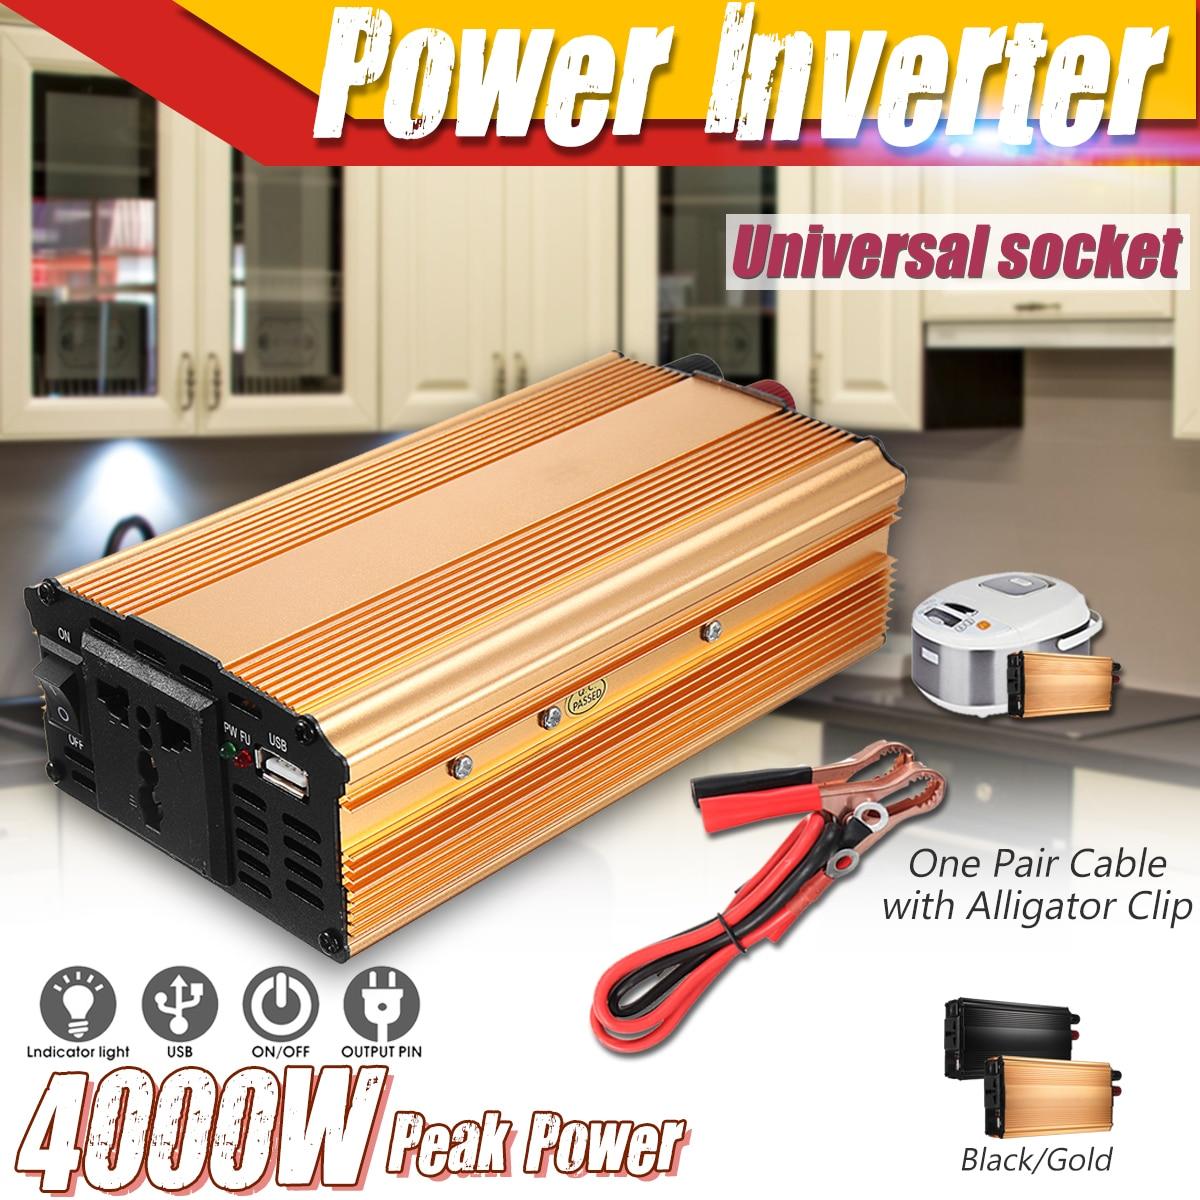 Inversor 12 V 24 V 220 V 4000 W Pico de Potência Do Carro Inversor Conversor Transformador de Tensão 12 220 Carregador Solar inversor 1 12 V 220 V Plug